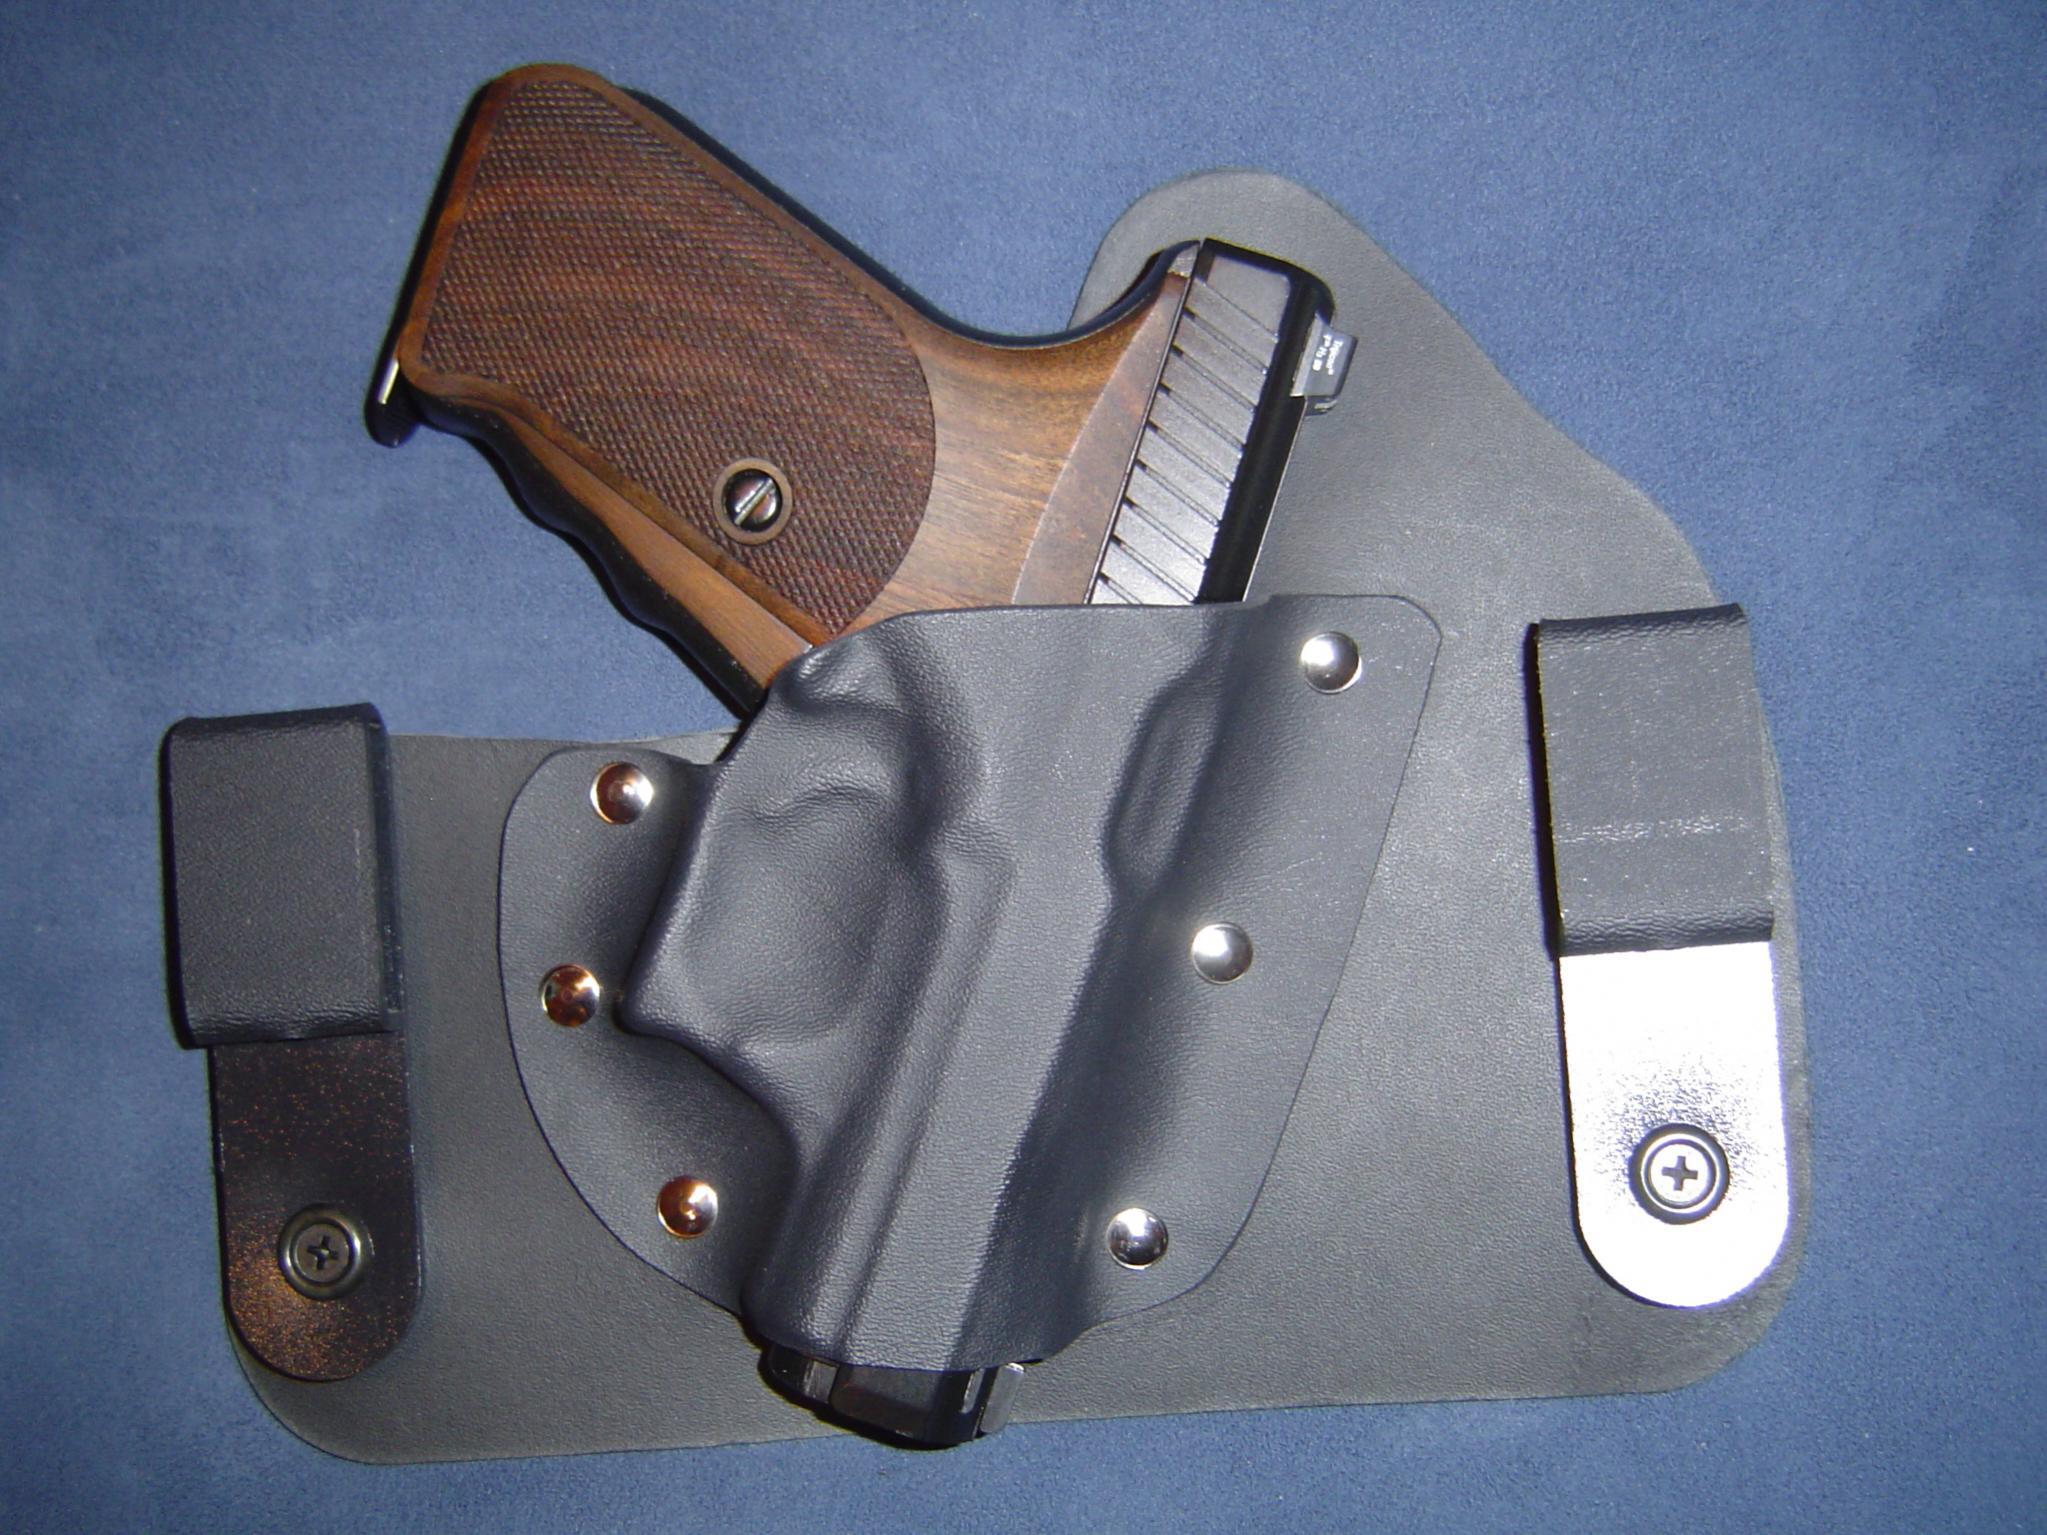 Here is my new carry gun... HK P7 PSP-dsc00130.jpg